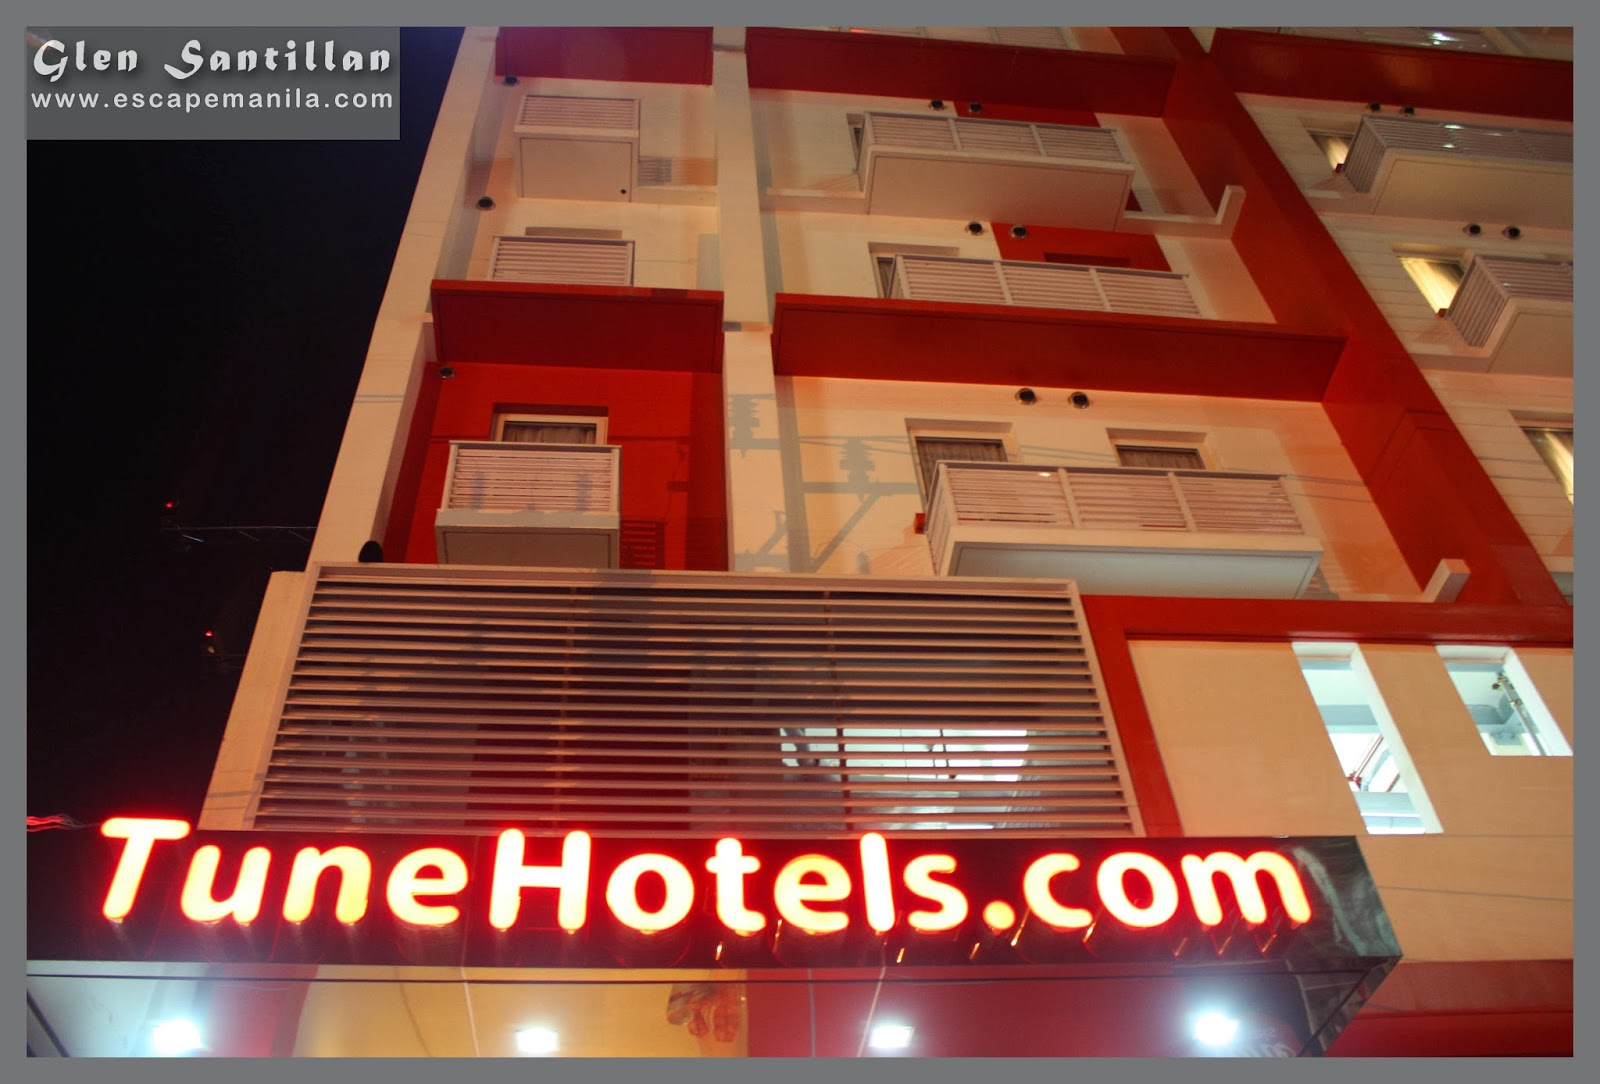 Where to Stay in Cagayan de Oro City : Tune Hotel - Escape Manila